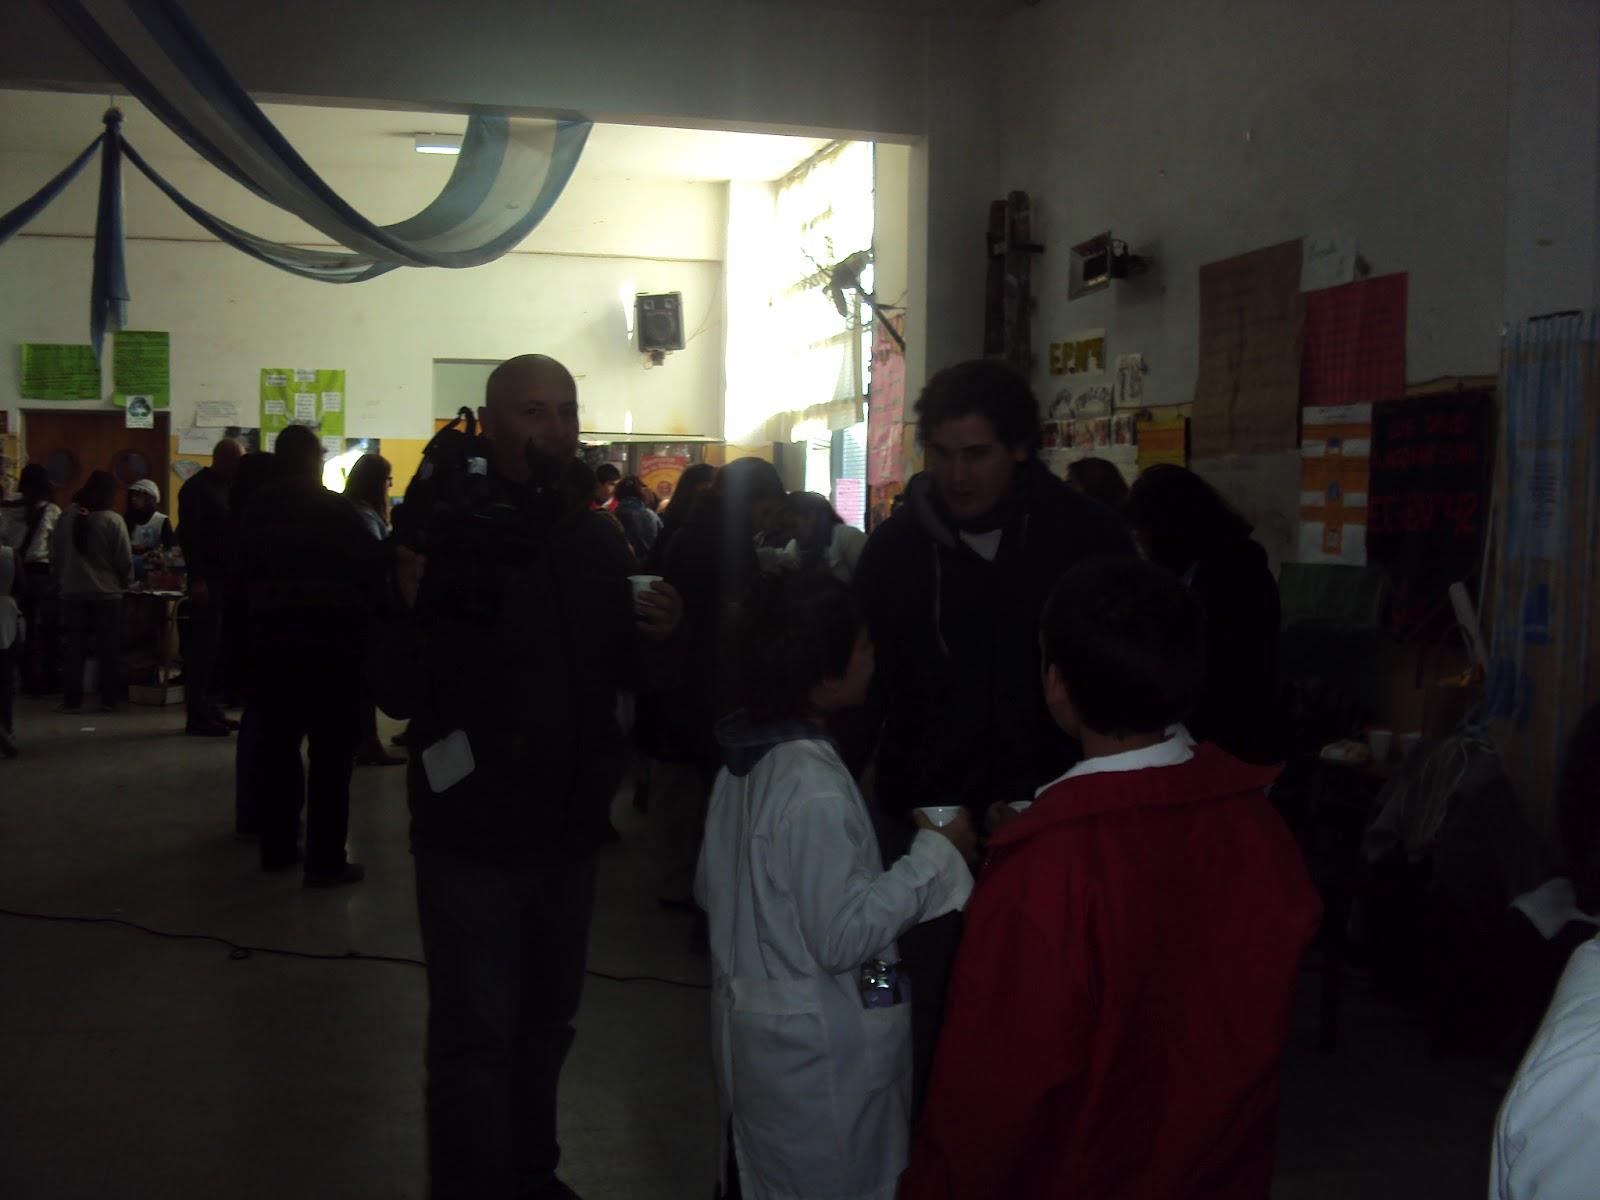 Secretaria de salud ambiental del pilar municipio saludable y sustentable junio 2012 - Centro de salud barrio del pilar ...